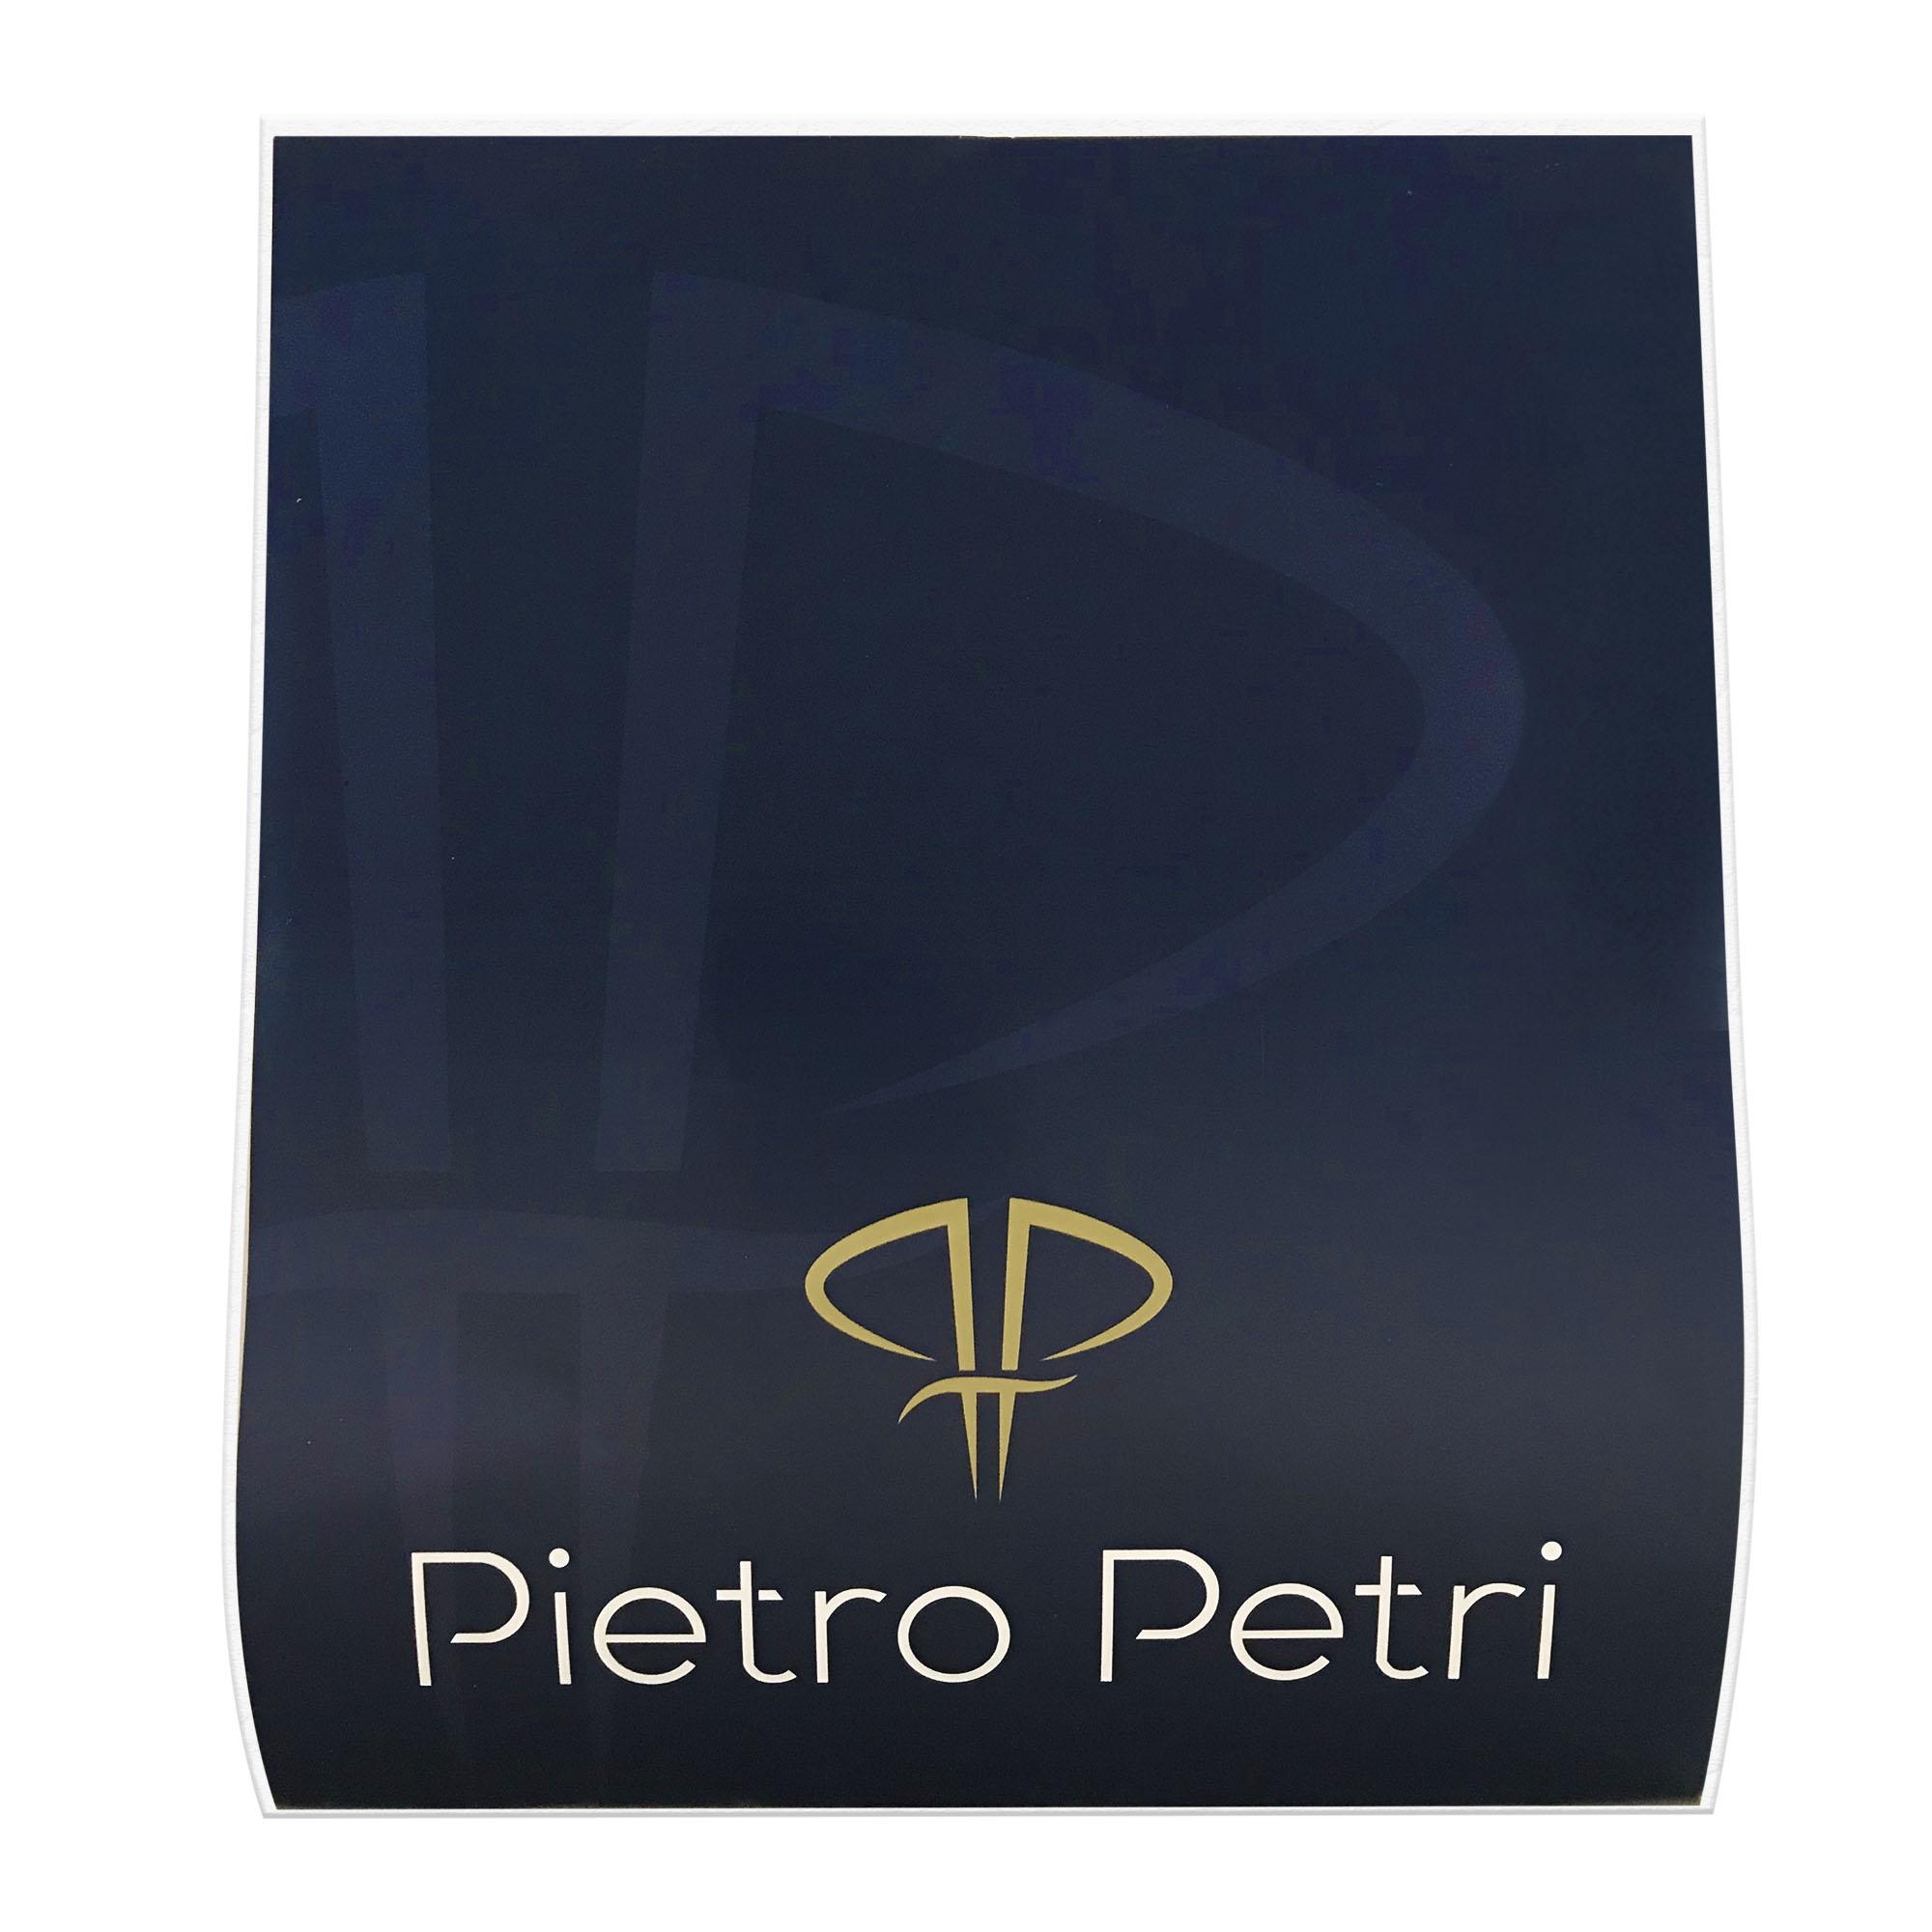 Sutiã 3017 cirúrgico compressivo Dr Pietro alça larga regulável, abertura frontal com colchetes, indicado para cirurgia  - Cinta se Nova